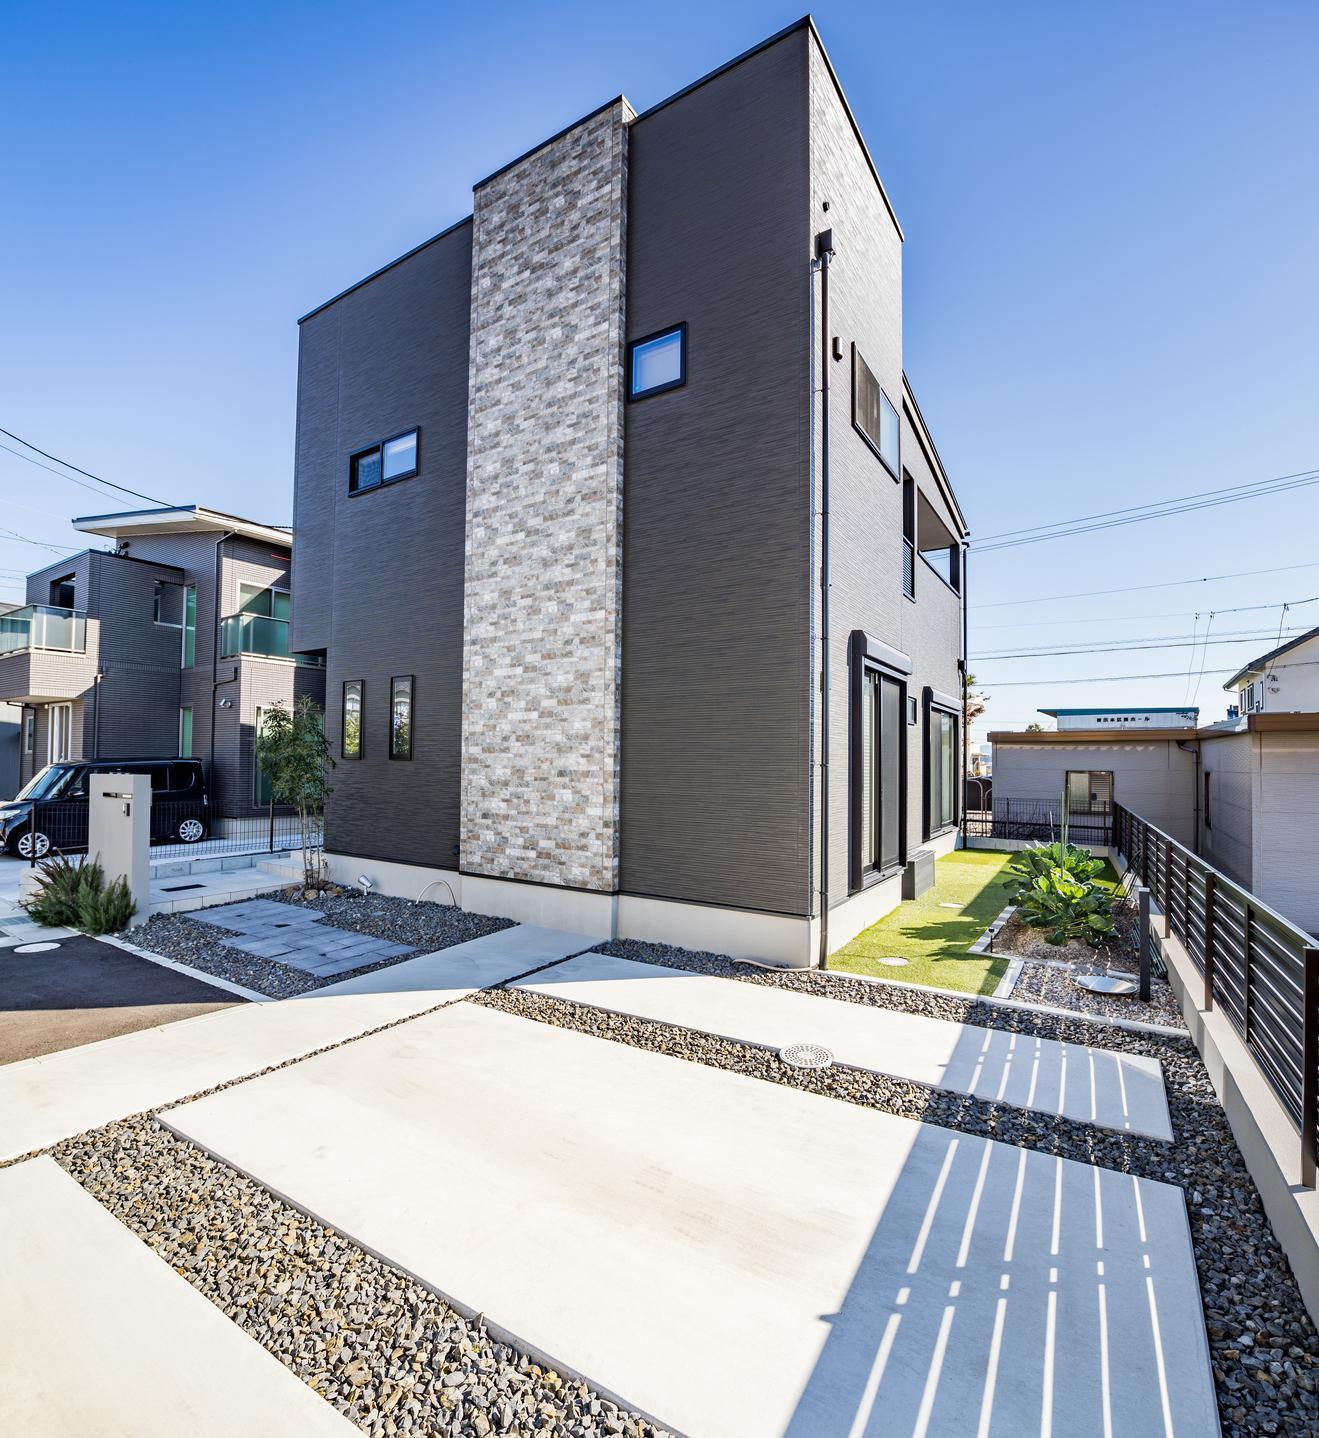 シンプルながら石調のアクセントを施しており、建物が引き立つ外構で上質な存在感を放つ